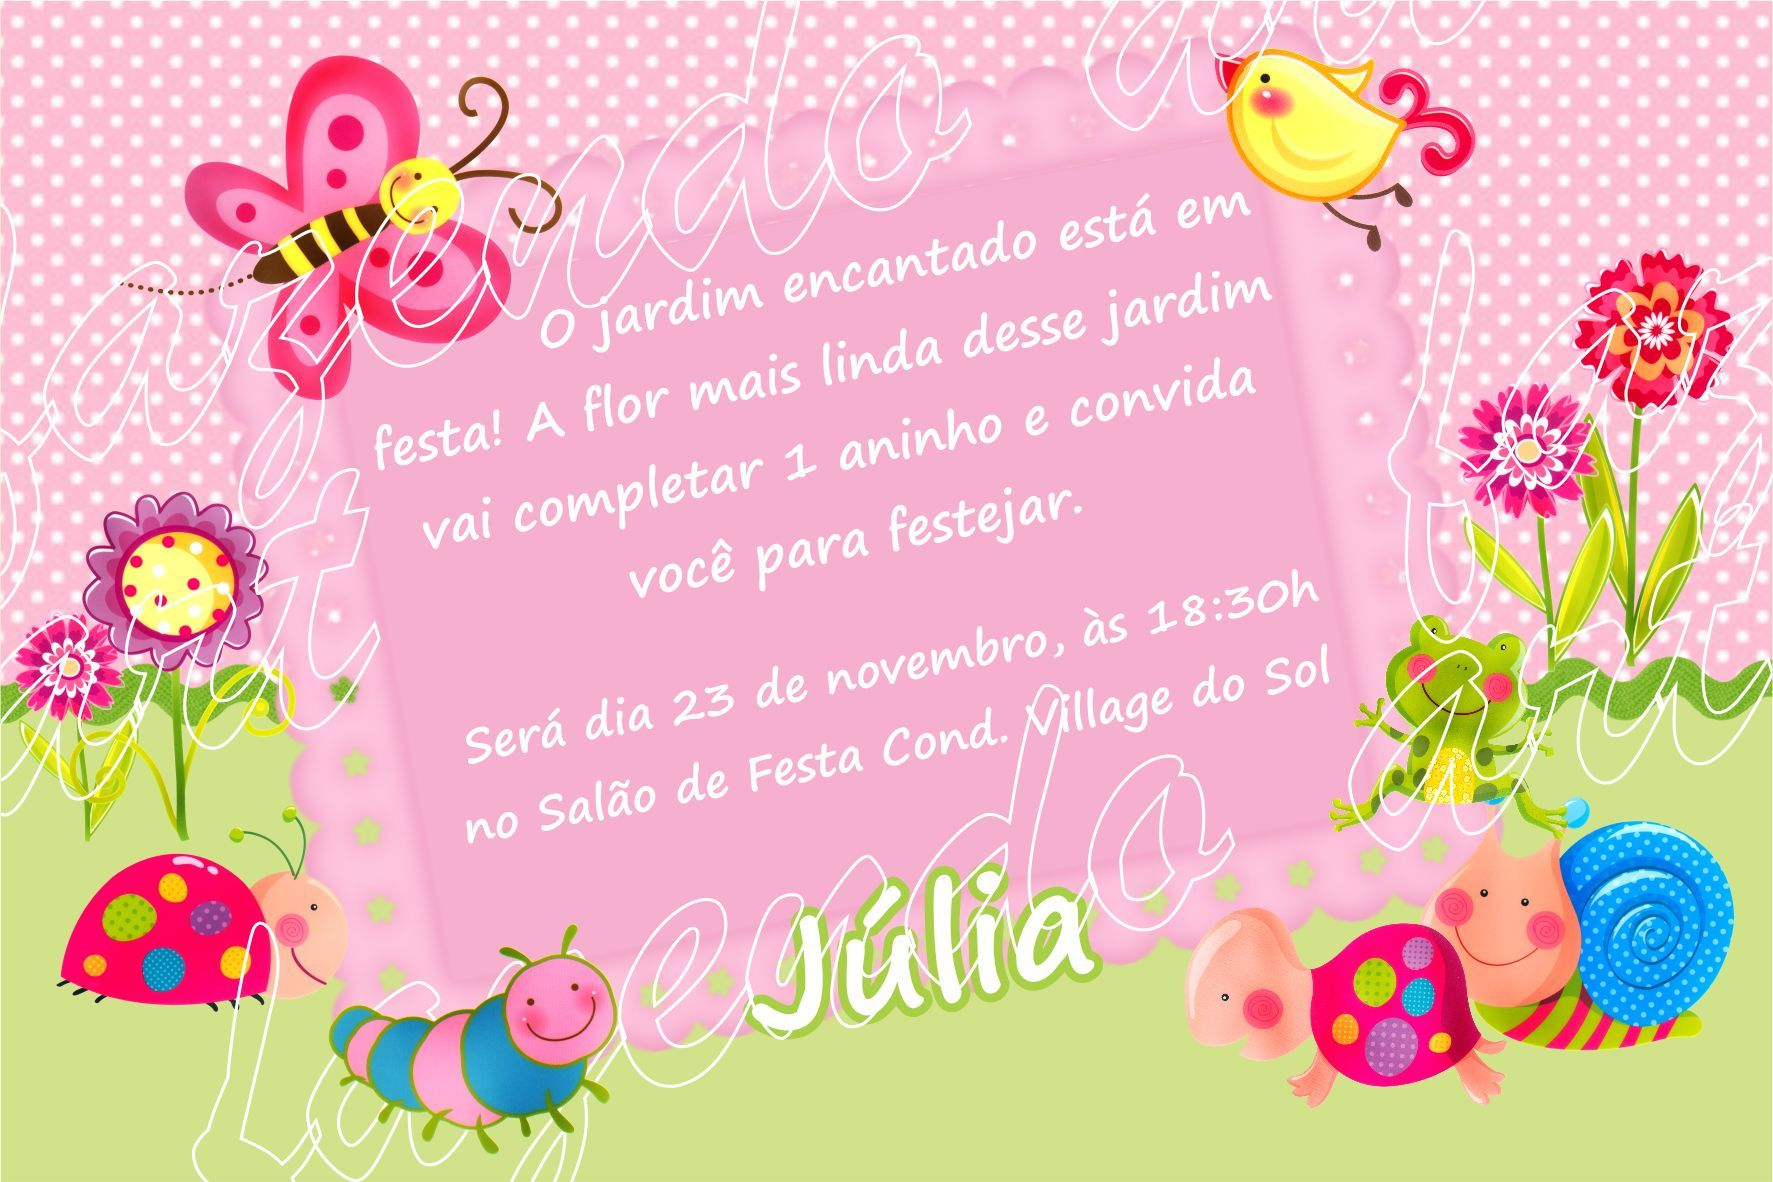 festa aniversario infantil jardim zoologico:arte-digital-convite-jardim-encantado-festa-jardim-encantado